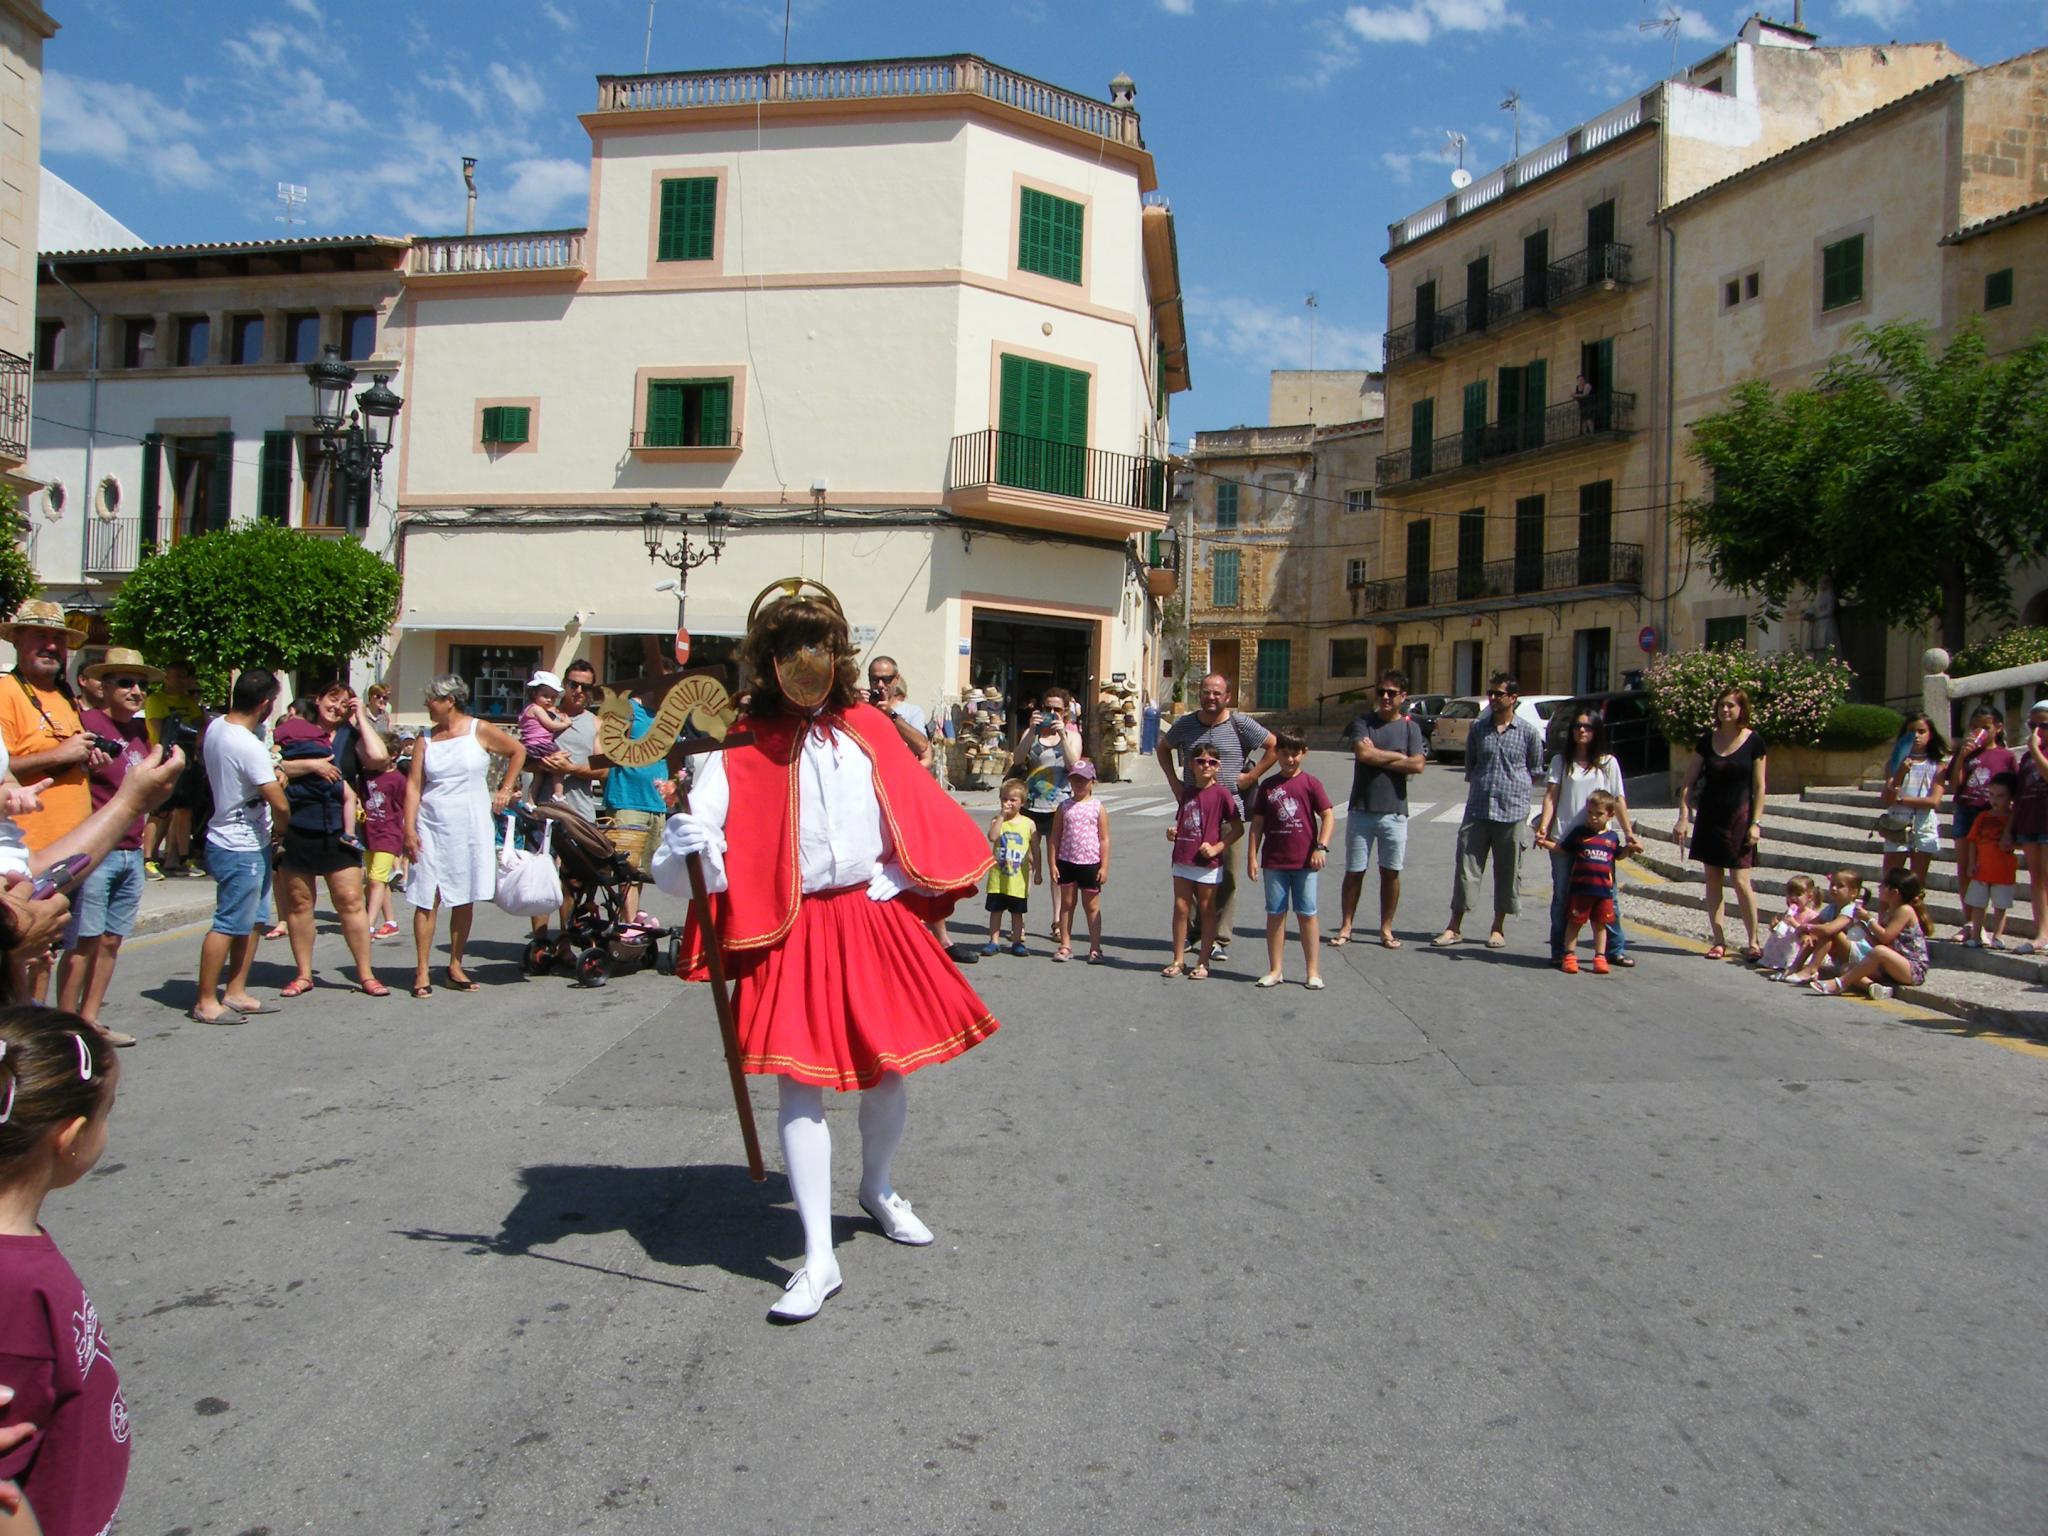 FELANITX - FIESTAS POPULARES - El pueblo vibra con las danzas tradicionales de Sant Joan Pelós